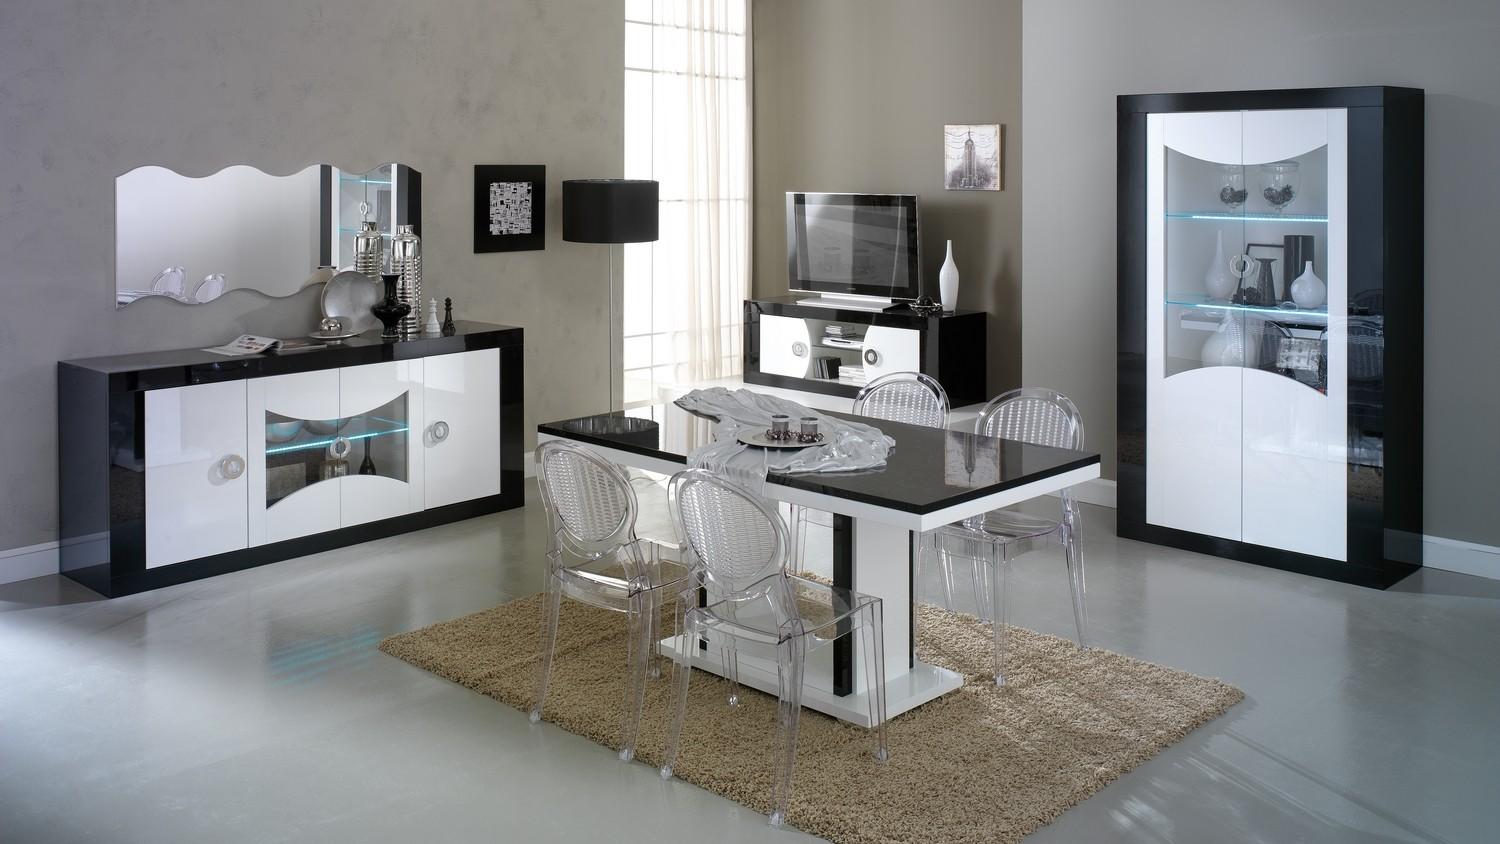 Salle A Manger Gris Blanc Noir salle à manger design lumineuse noire et blanche nevis